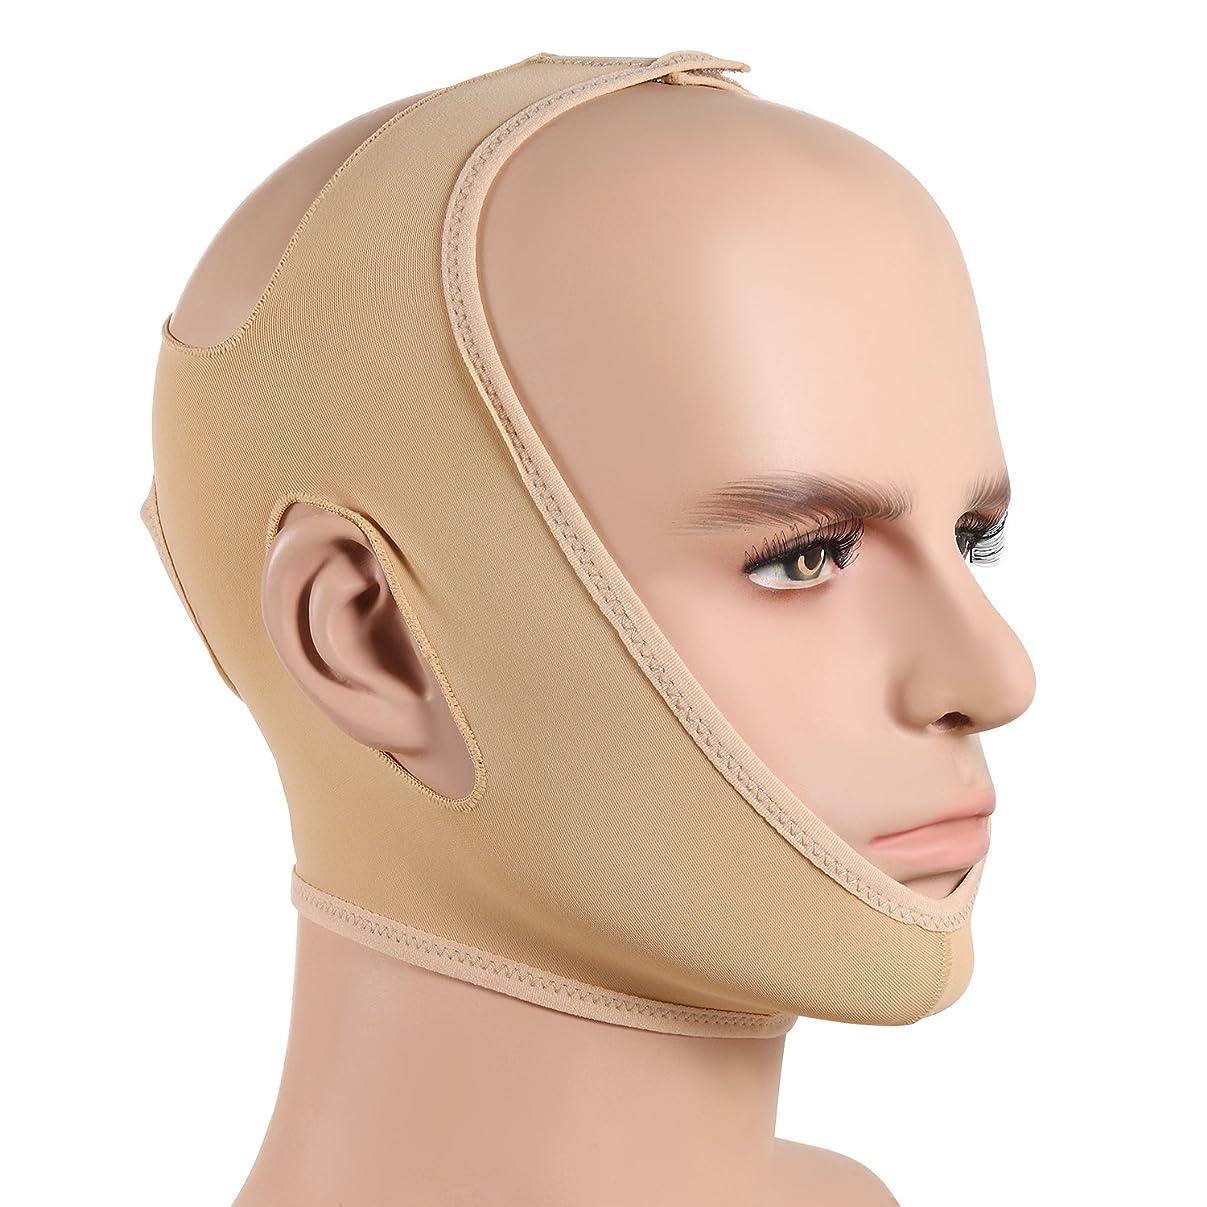 アジア人おいしいジャグリングJewelryWe 小顔ベルト 美顔マスク 眠りながら 小顔 矯正 額、顎下、頬リフトアップ 小顔マスク 男女兼用 Lサイズ